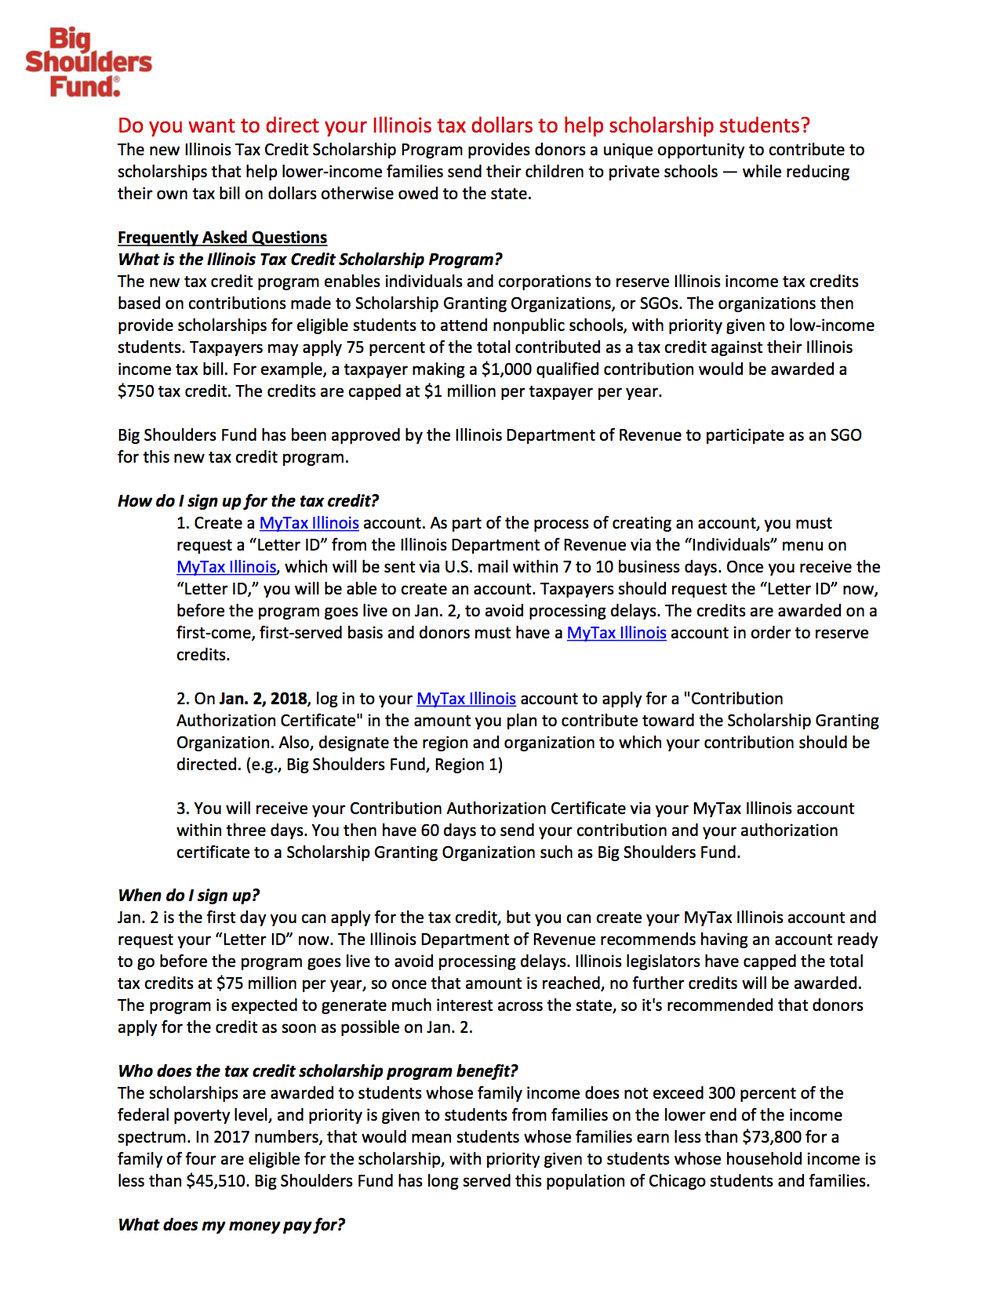 Tax Credit Scholarship FAQ Final.jpg